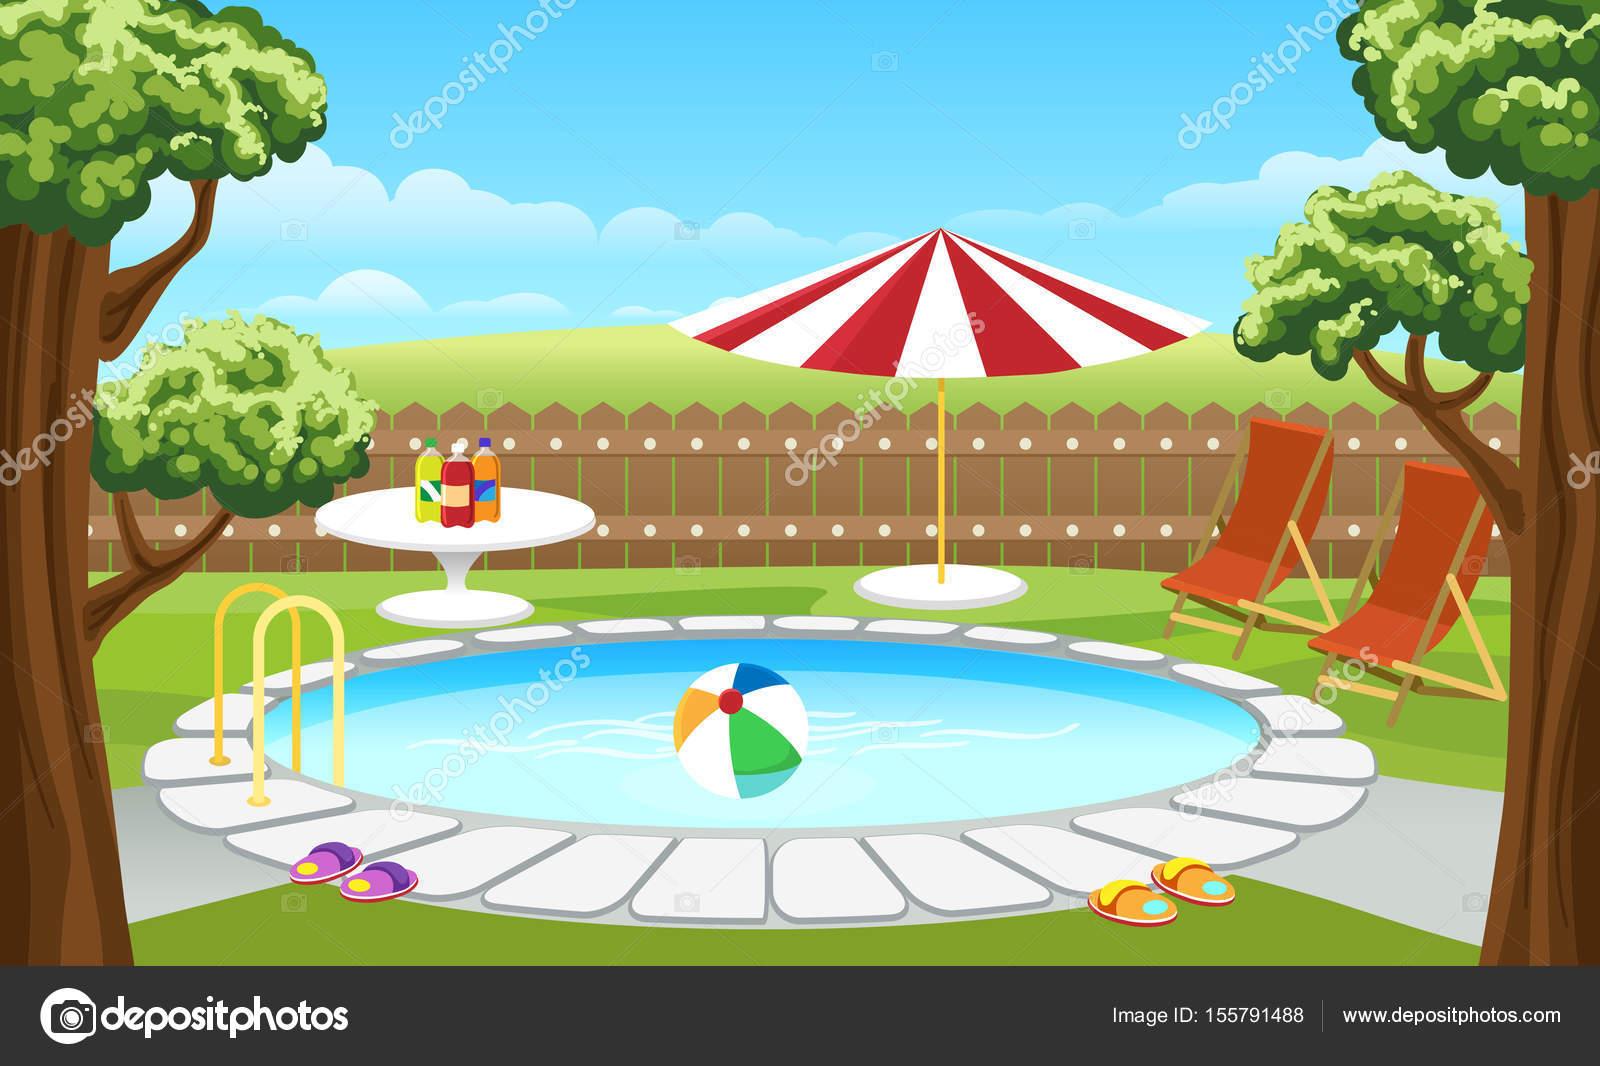 Hinterhof Pool Mit Zaun Und Sonnenschirm Stockvektor